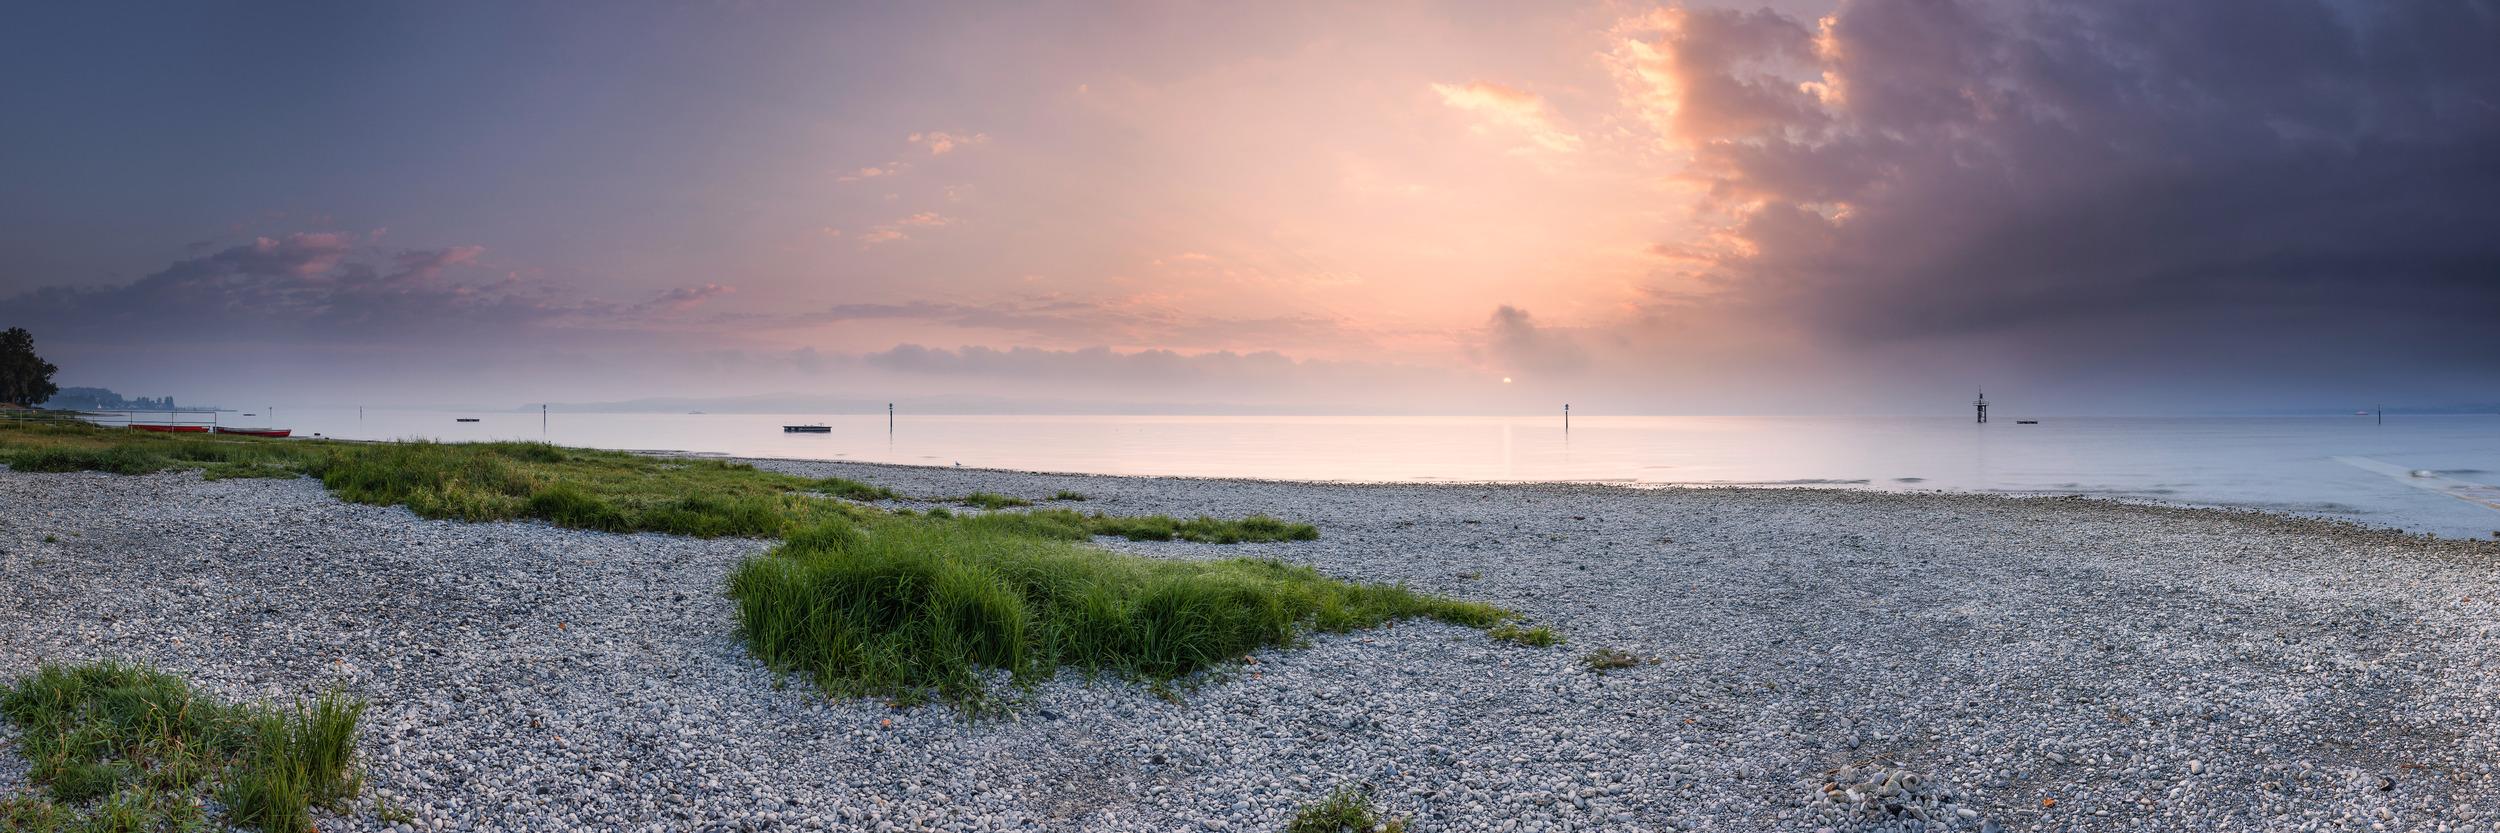 MORGENLICHT AM SEE - Schöne Landschaft Bilder kaufen | Stimmungs Foto als Fineart by Stefan Somogyi Fotografie